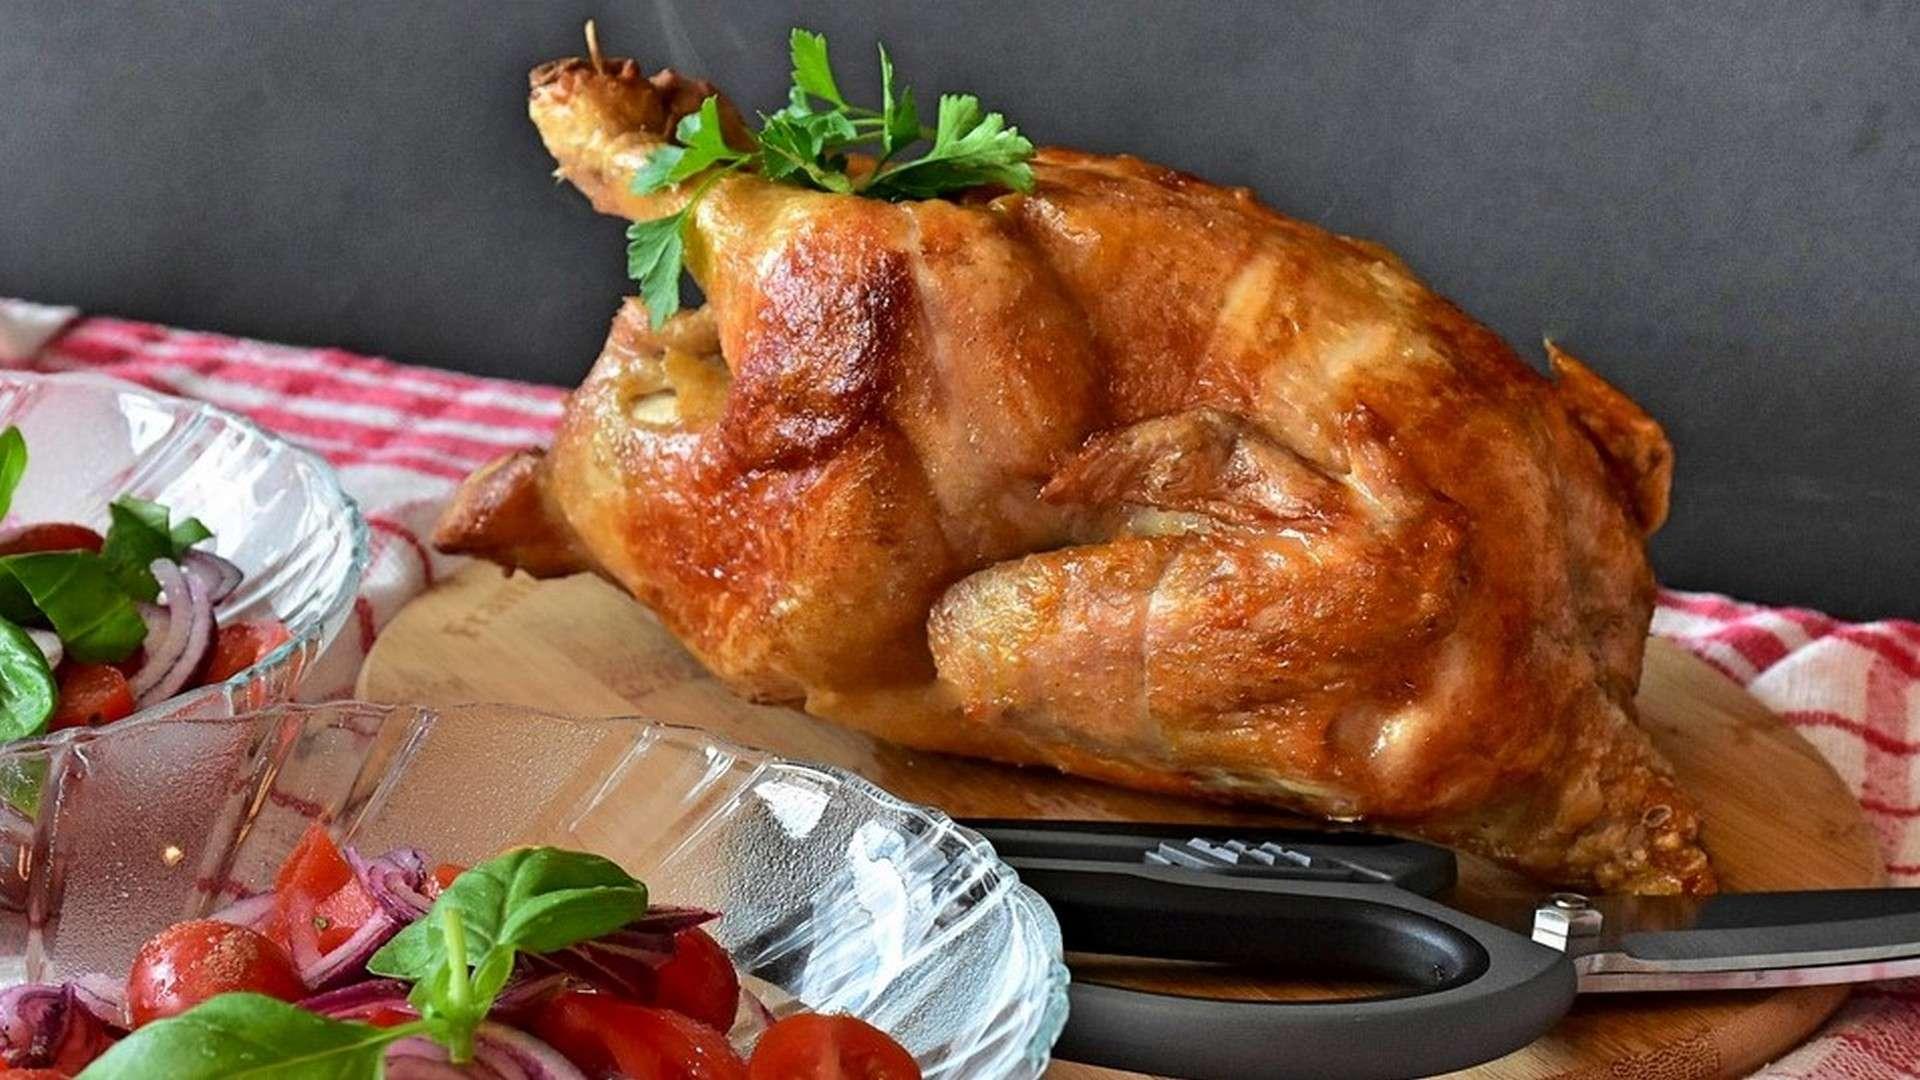 no Hay que lavar un pollo antes de cocinarlo